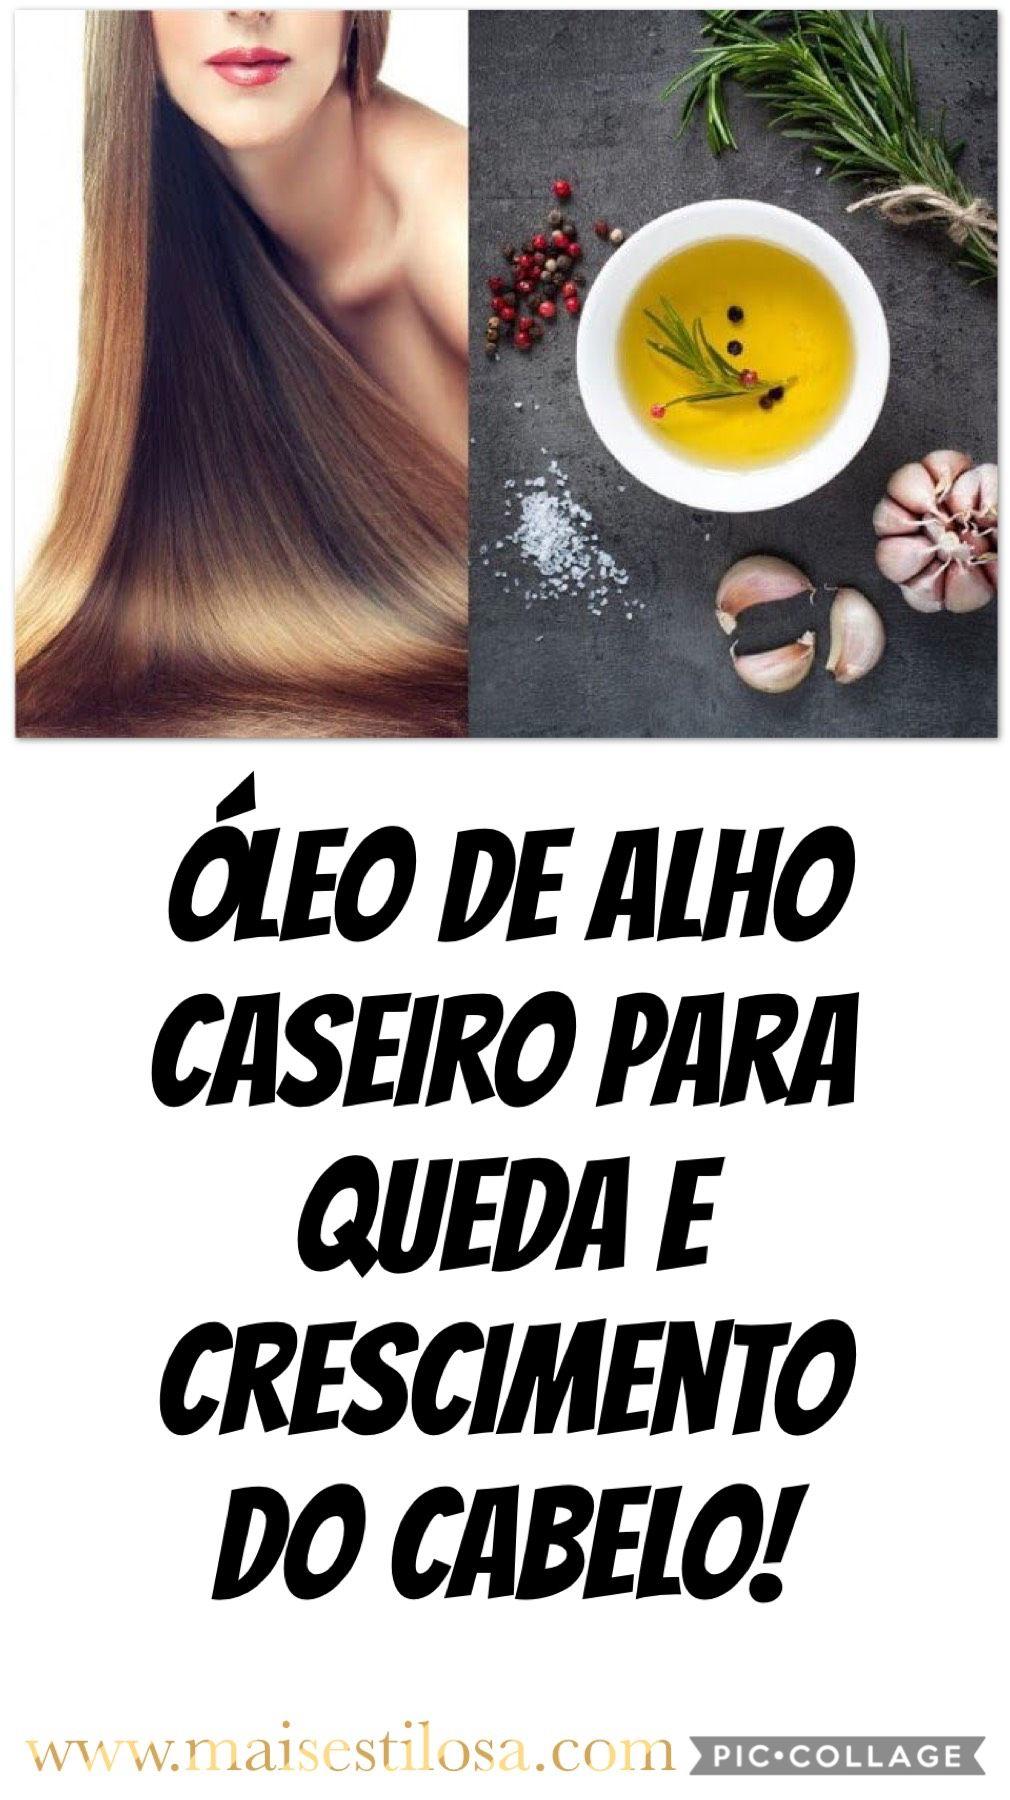 Oleo De Alho Caseiro Para Queda De Cabelo Oleo De Alho Produtos